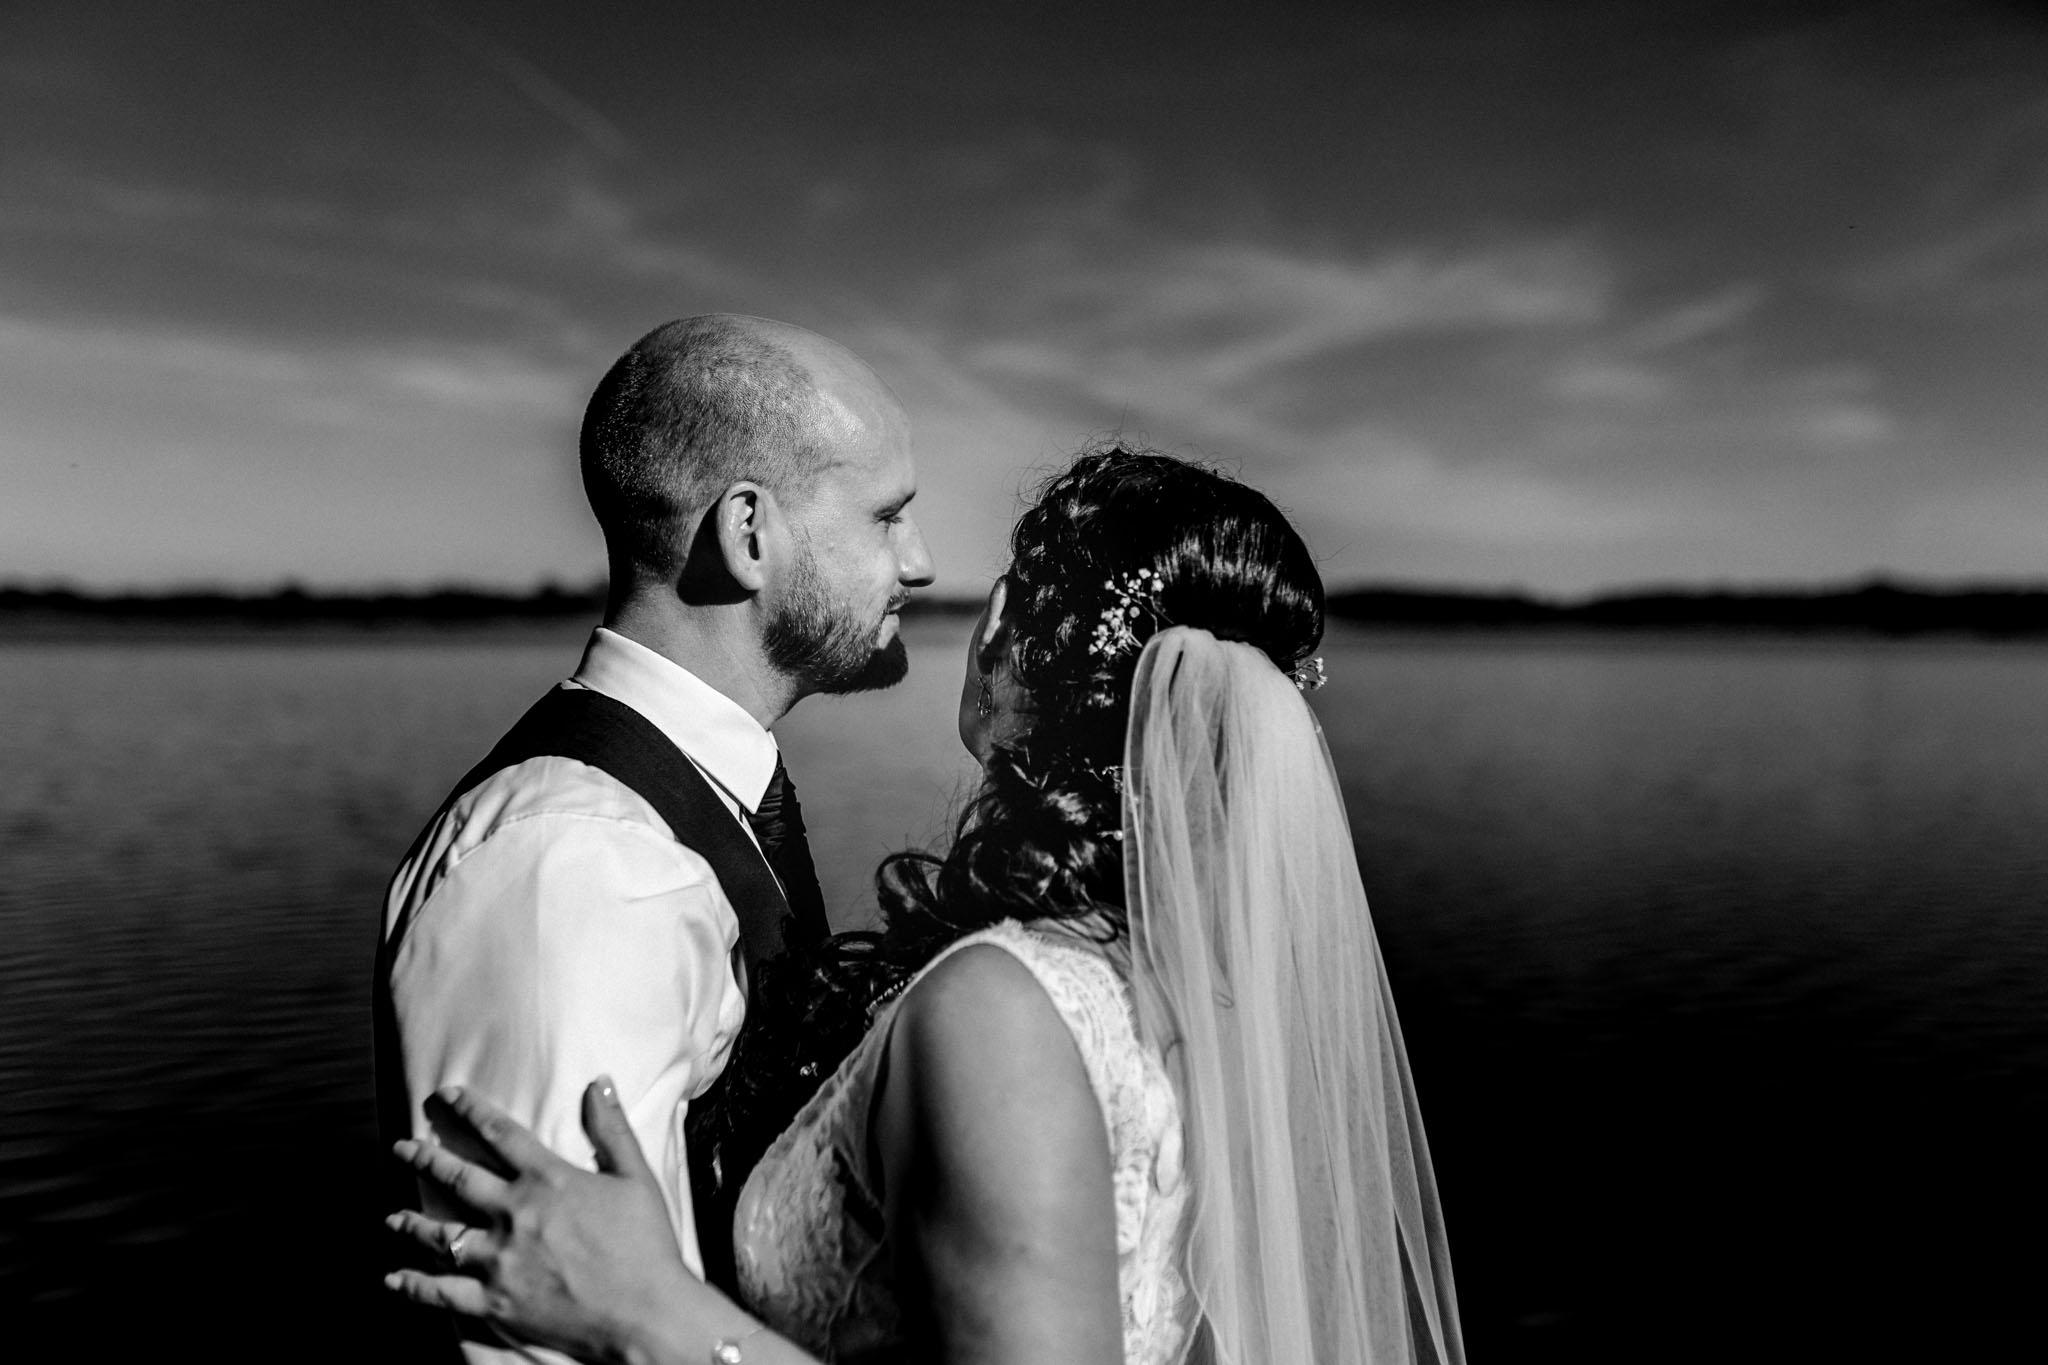 Hochzeitsfieber by Photo-Schomburg, Hochzeitsfotograf, Hamburg,Hochzeitstag, Hochzeitspaar, Braut, Bräutigam, Literaturhauscafe Zarrentin-81